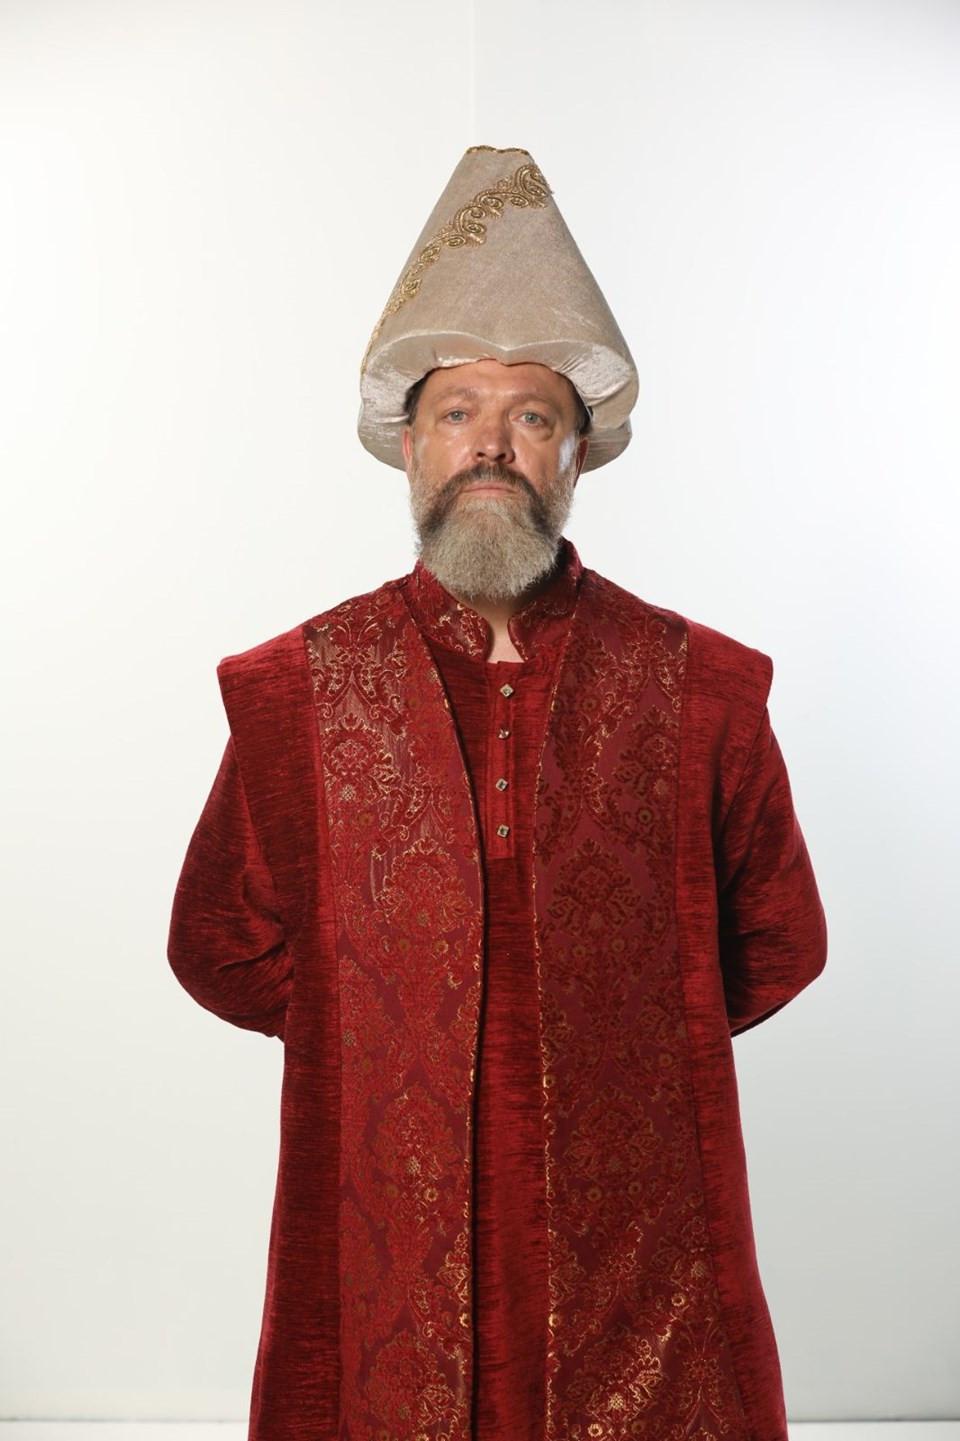 Kalbimin Sultanı Sadrazam, Benderli Selim Sırrı Paşa, Yılmaz Meydaneri kimdir?